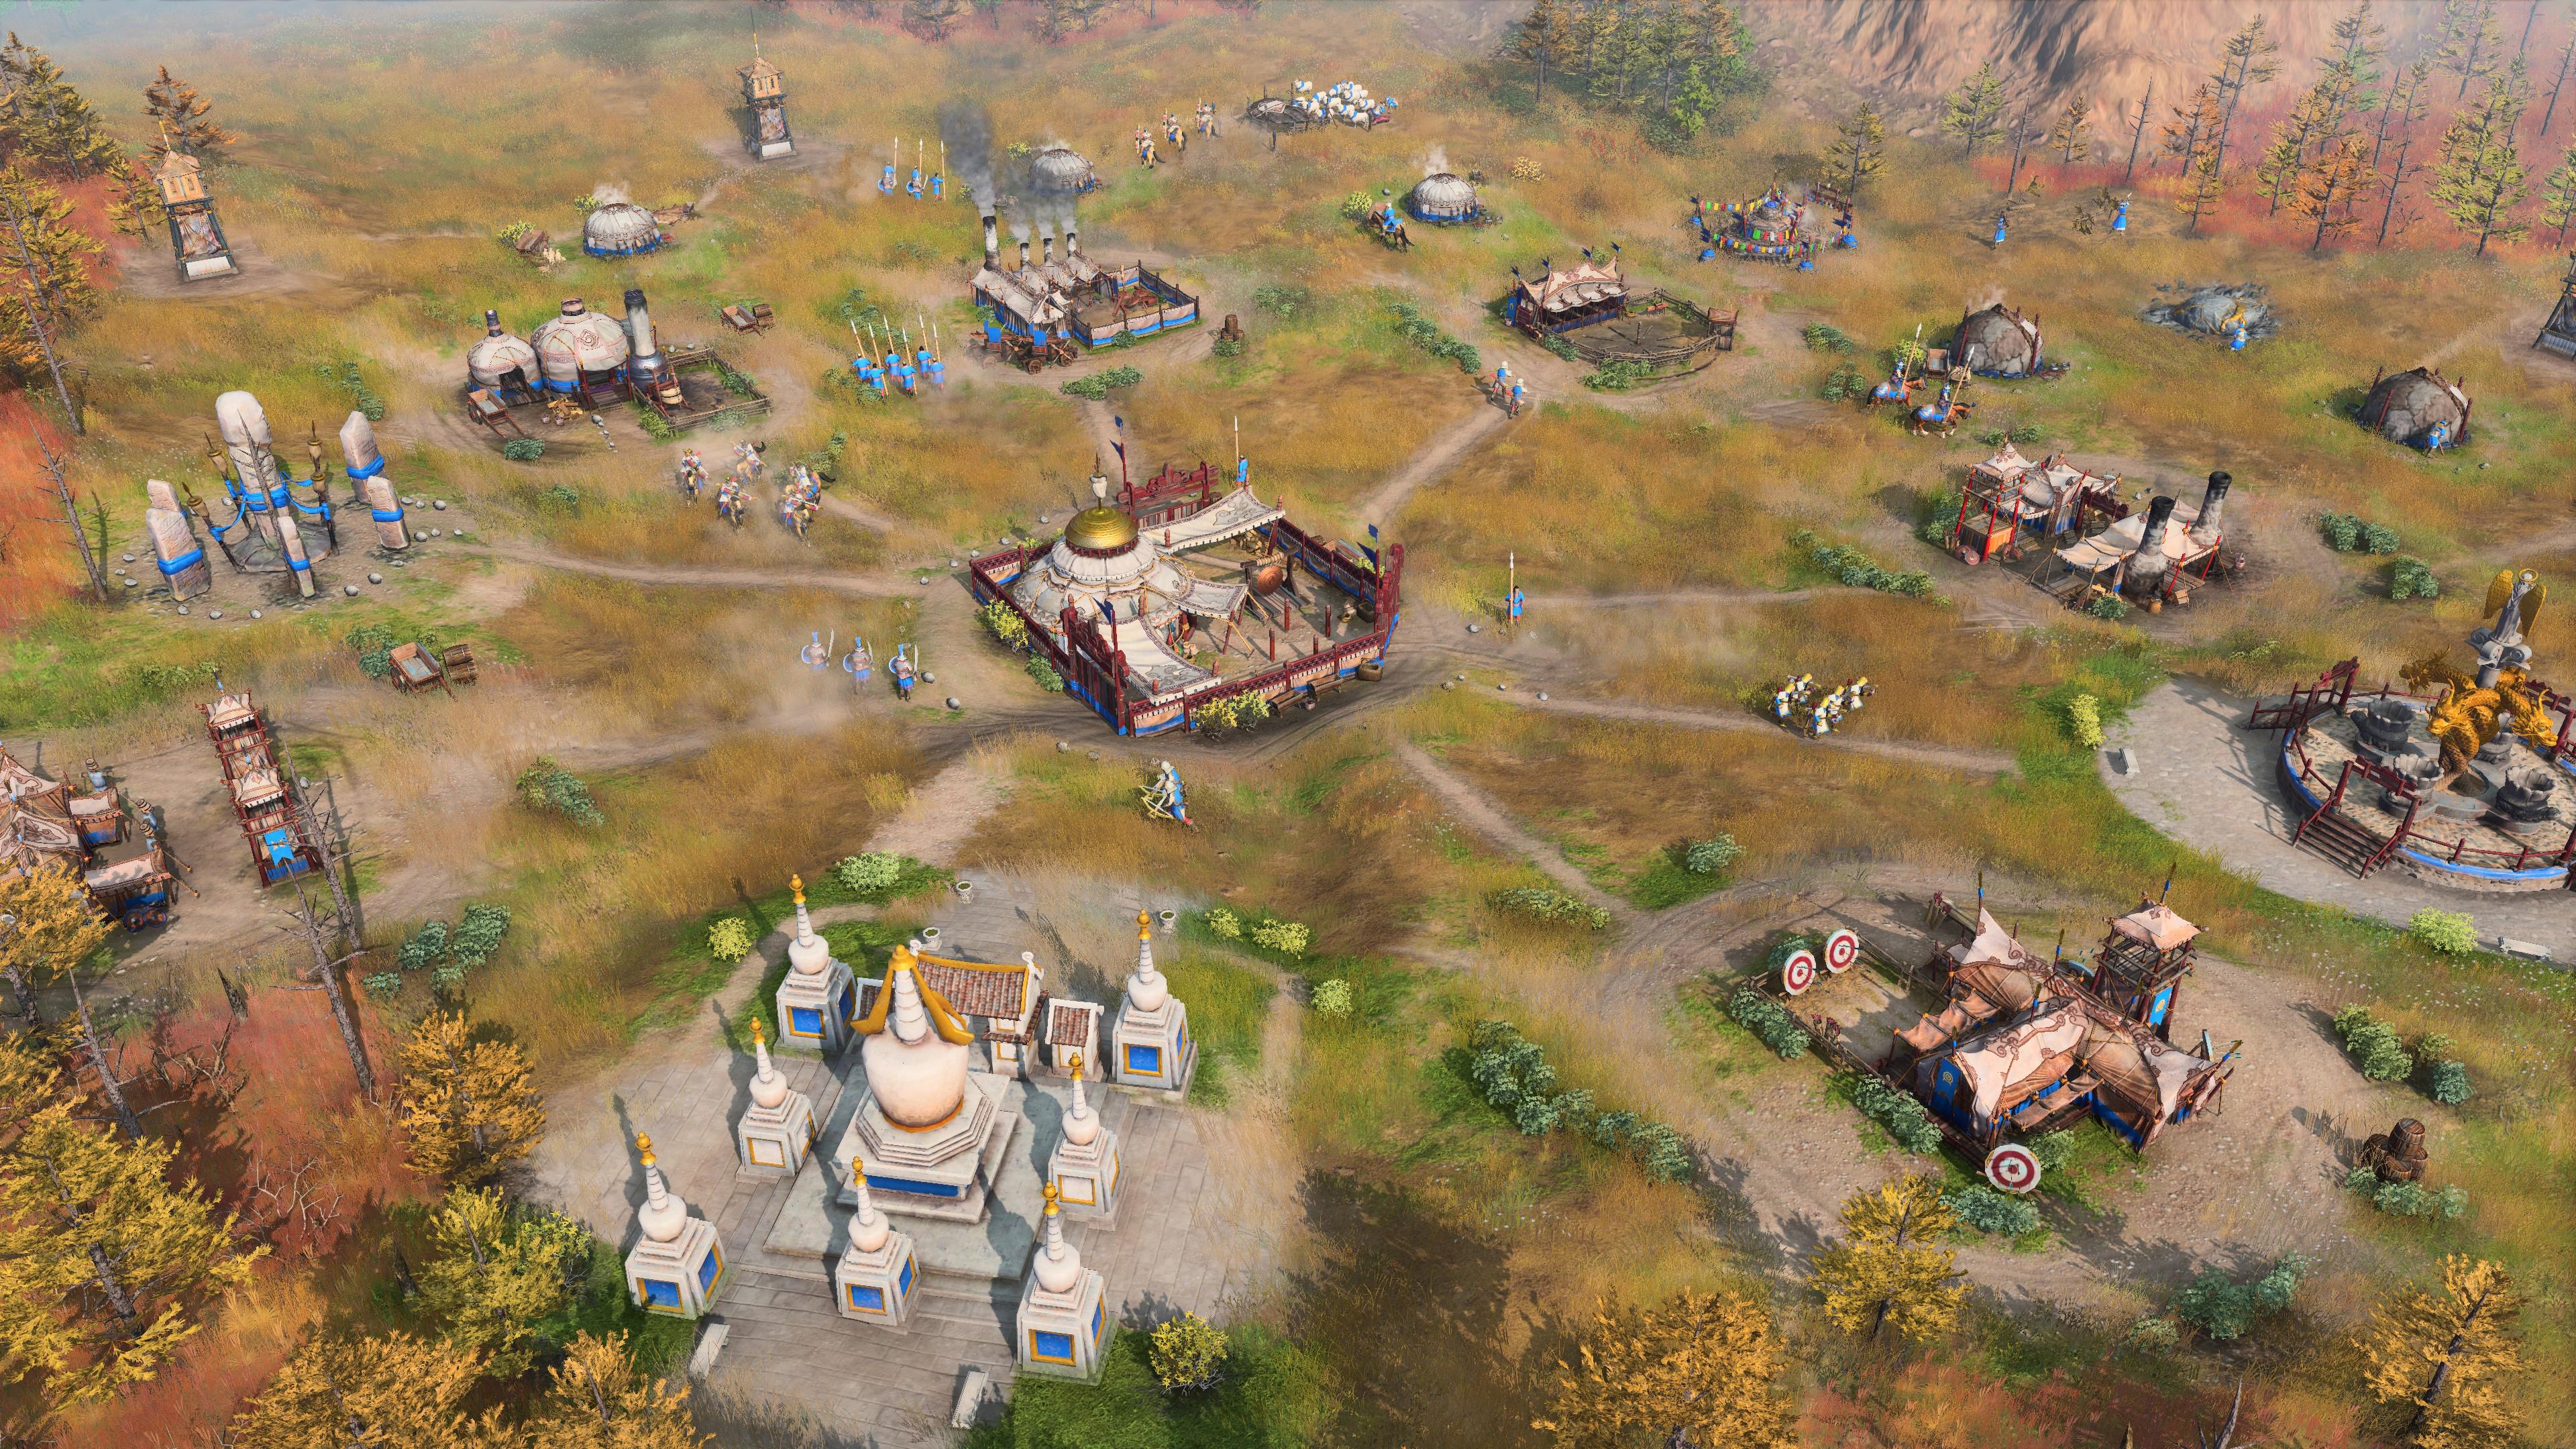 На релизе в Age of Empires 4 будет всего 8 играбельных цивилизаций и 4 кампании